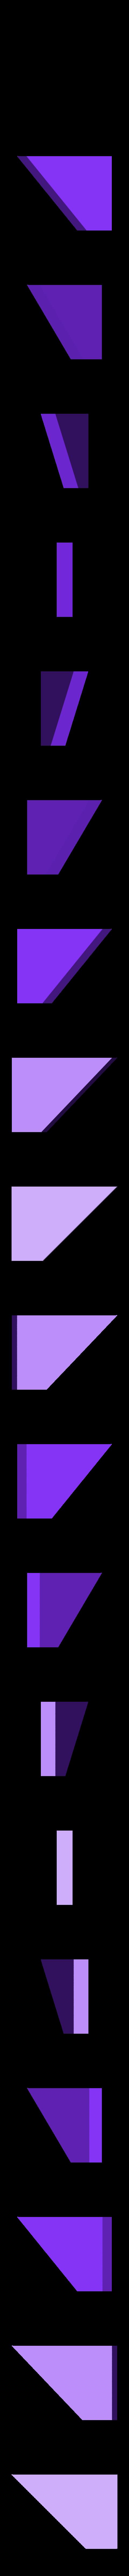 """iqPuzzle_T_4.STL Télécharger fichier STL gratuit Puzzle Assemblez une lettre """"T"""" de 4 pièces • Objet pour impression 3D, Cerega"""